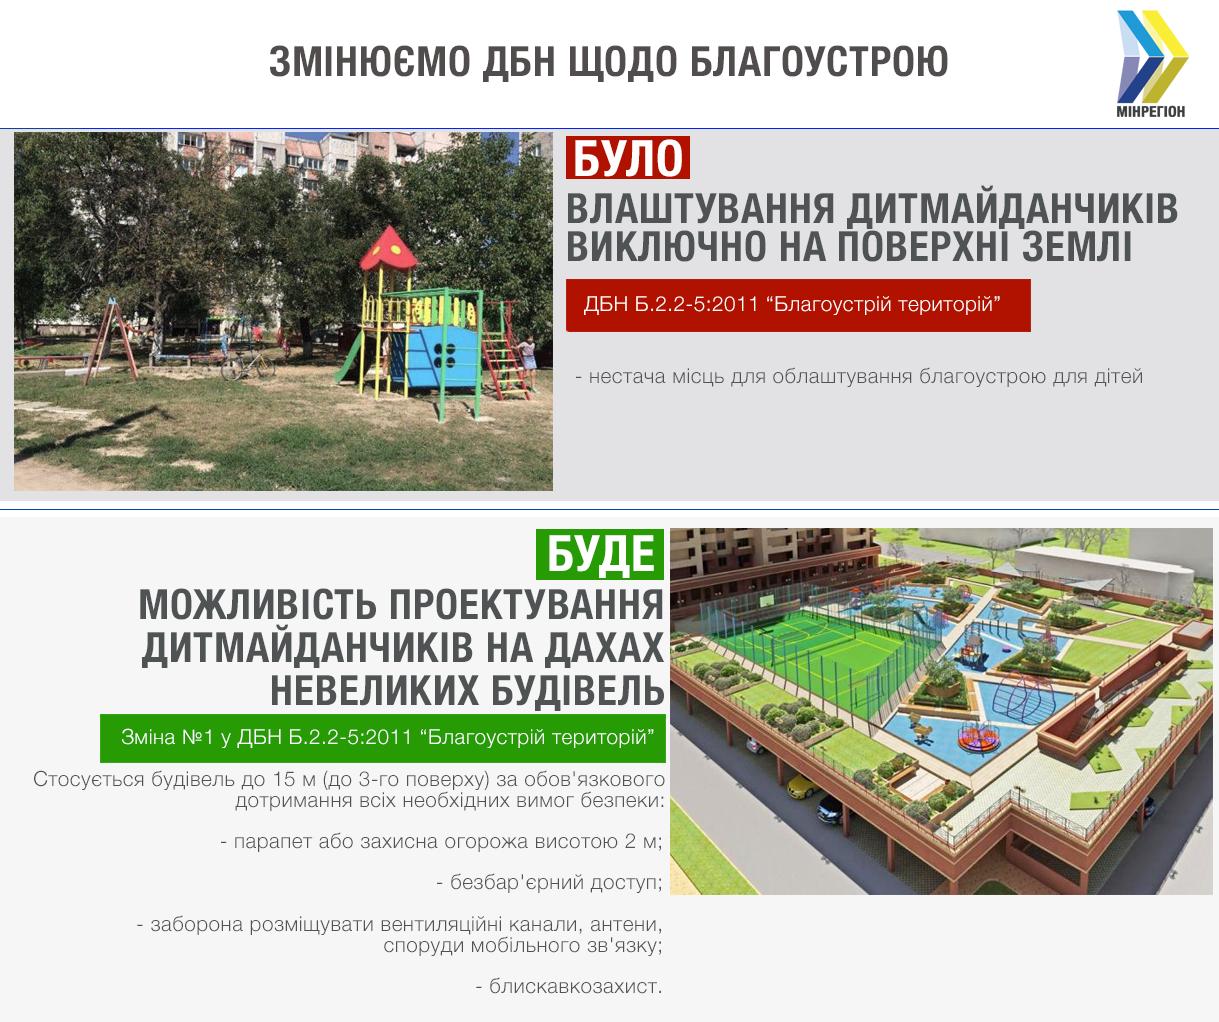 В Украине разрешили размещать детские площадки на крышах домов